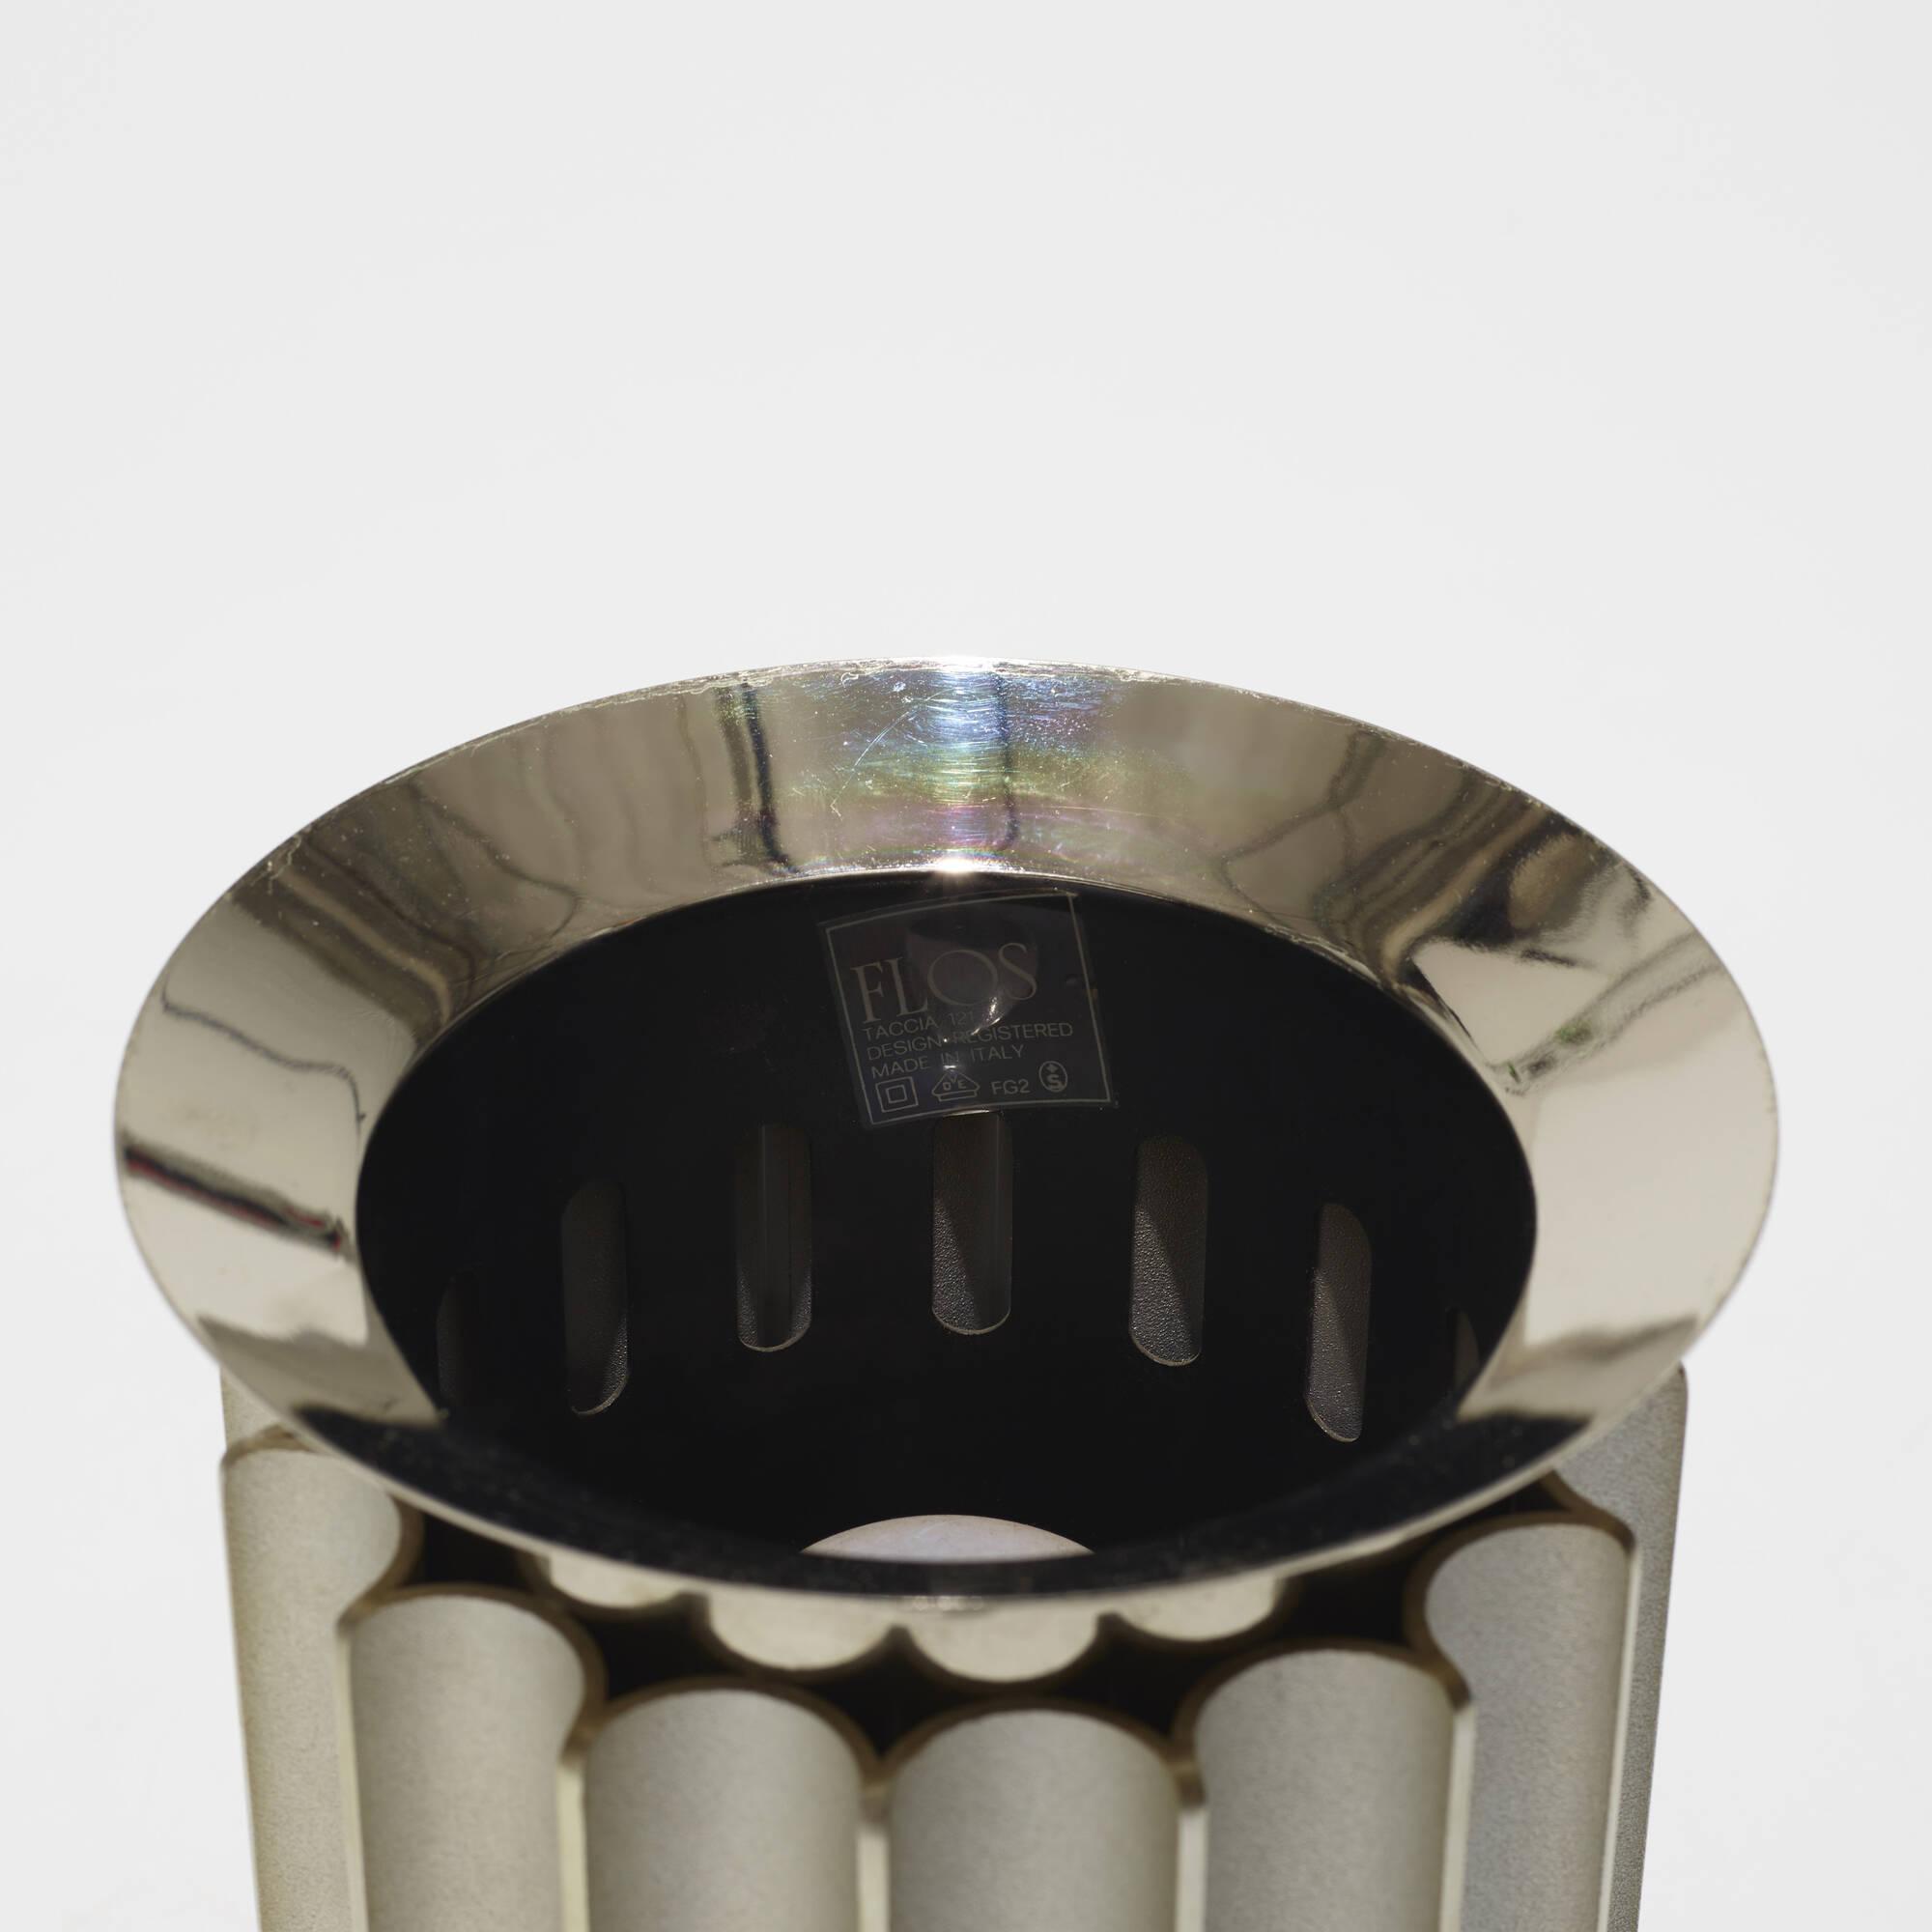 383: Achille and Pier Giacomo Castiglioni / Taccia table lamp (3 of 3)